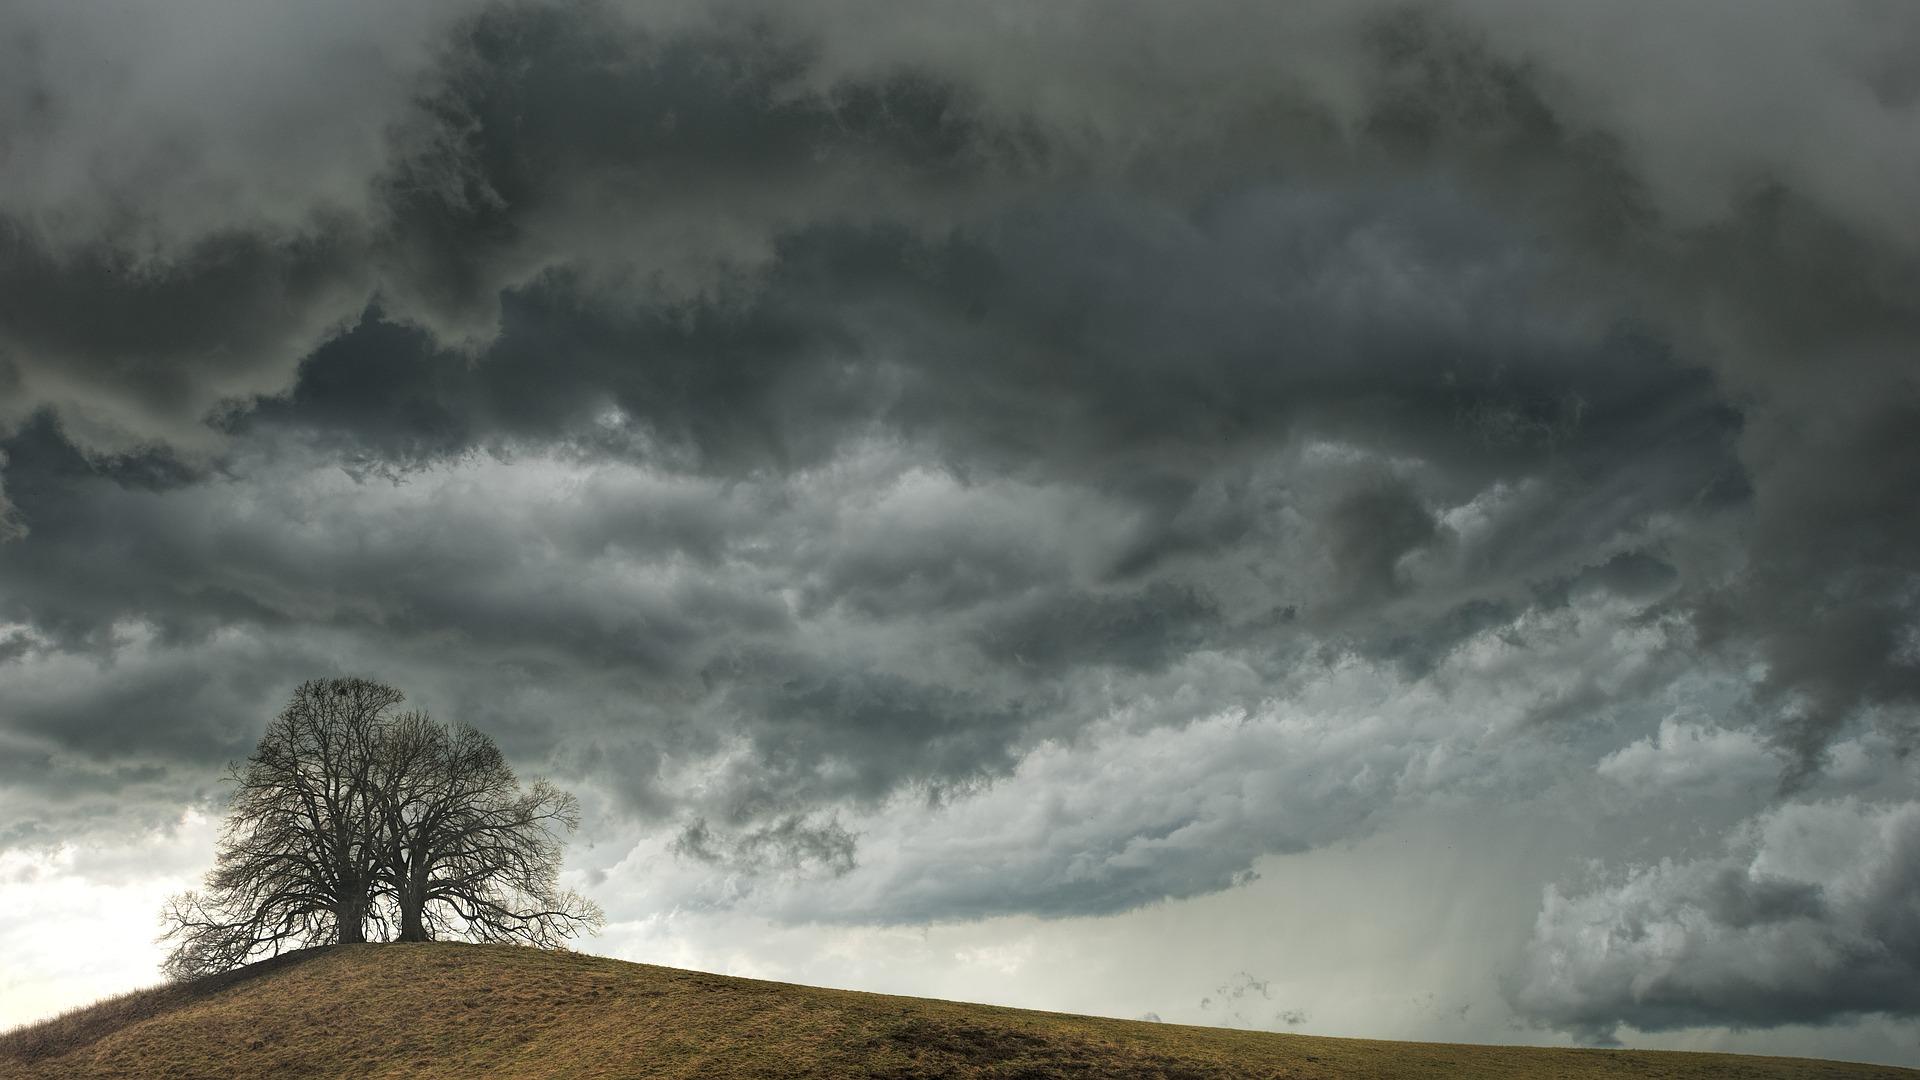 Ein kahler Baum steht auf einem verdorrten Hügel. Am Himmel türmen sich dramatisch dunkle graue Wolken